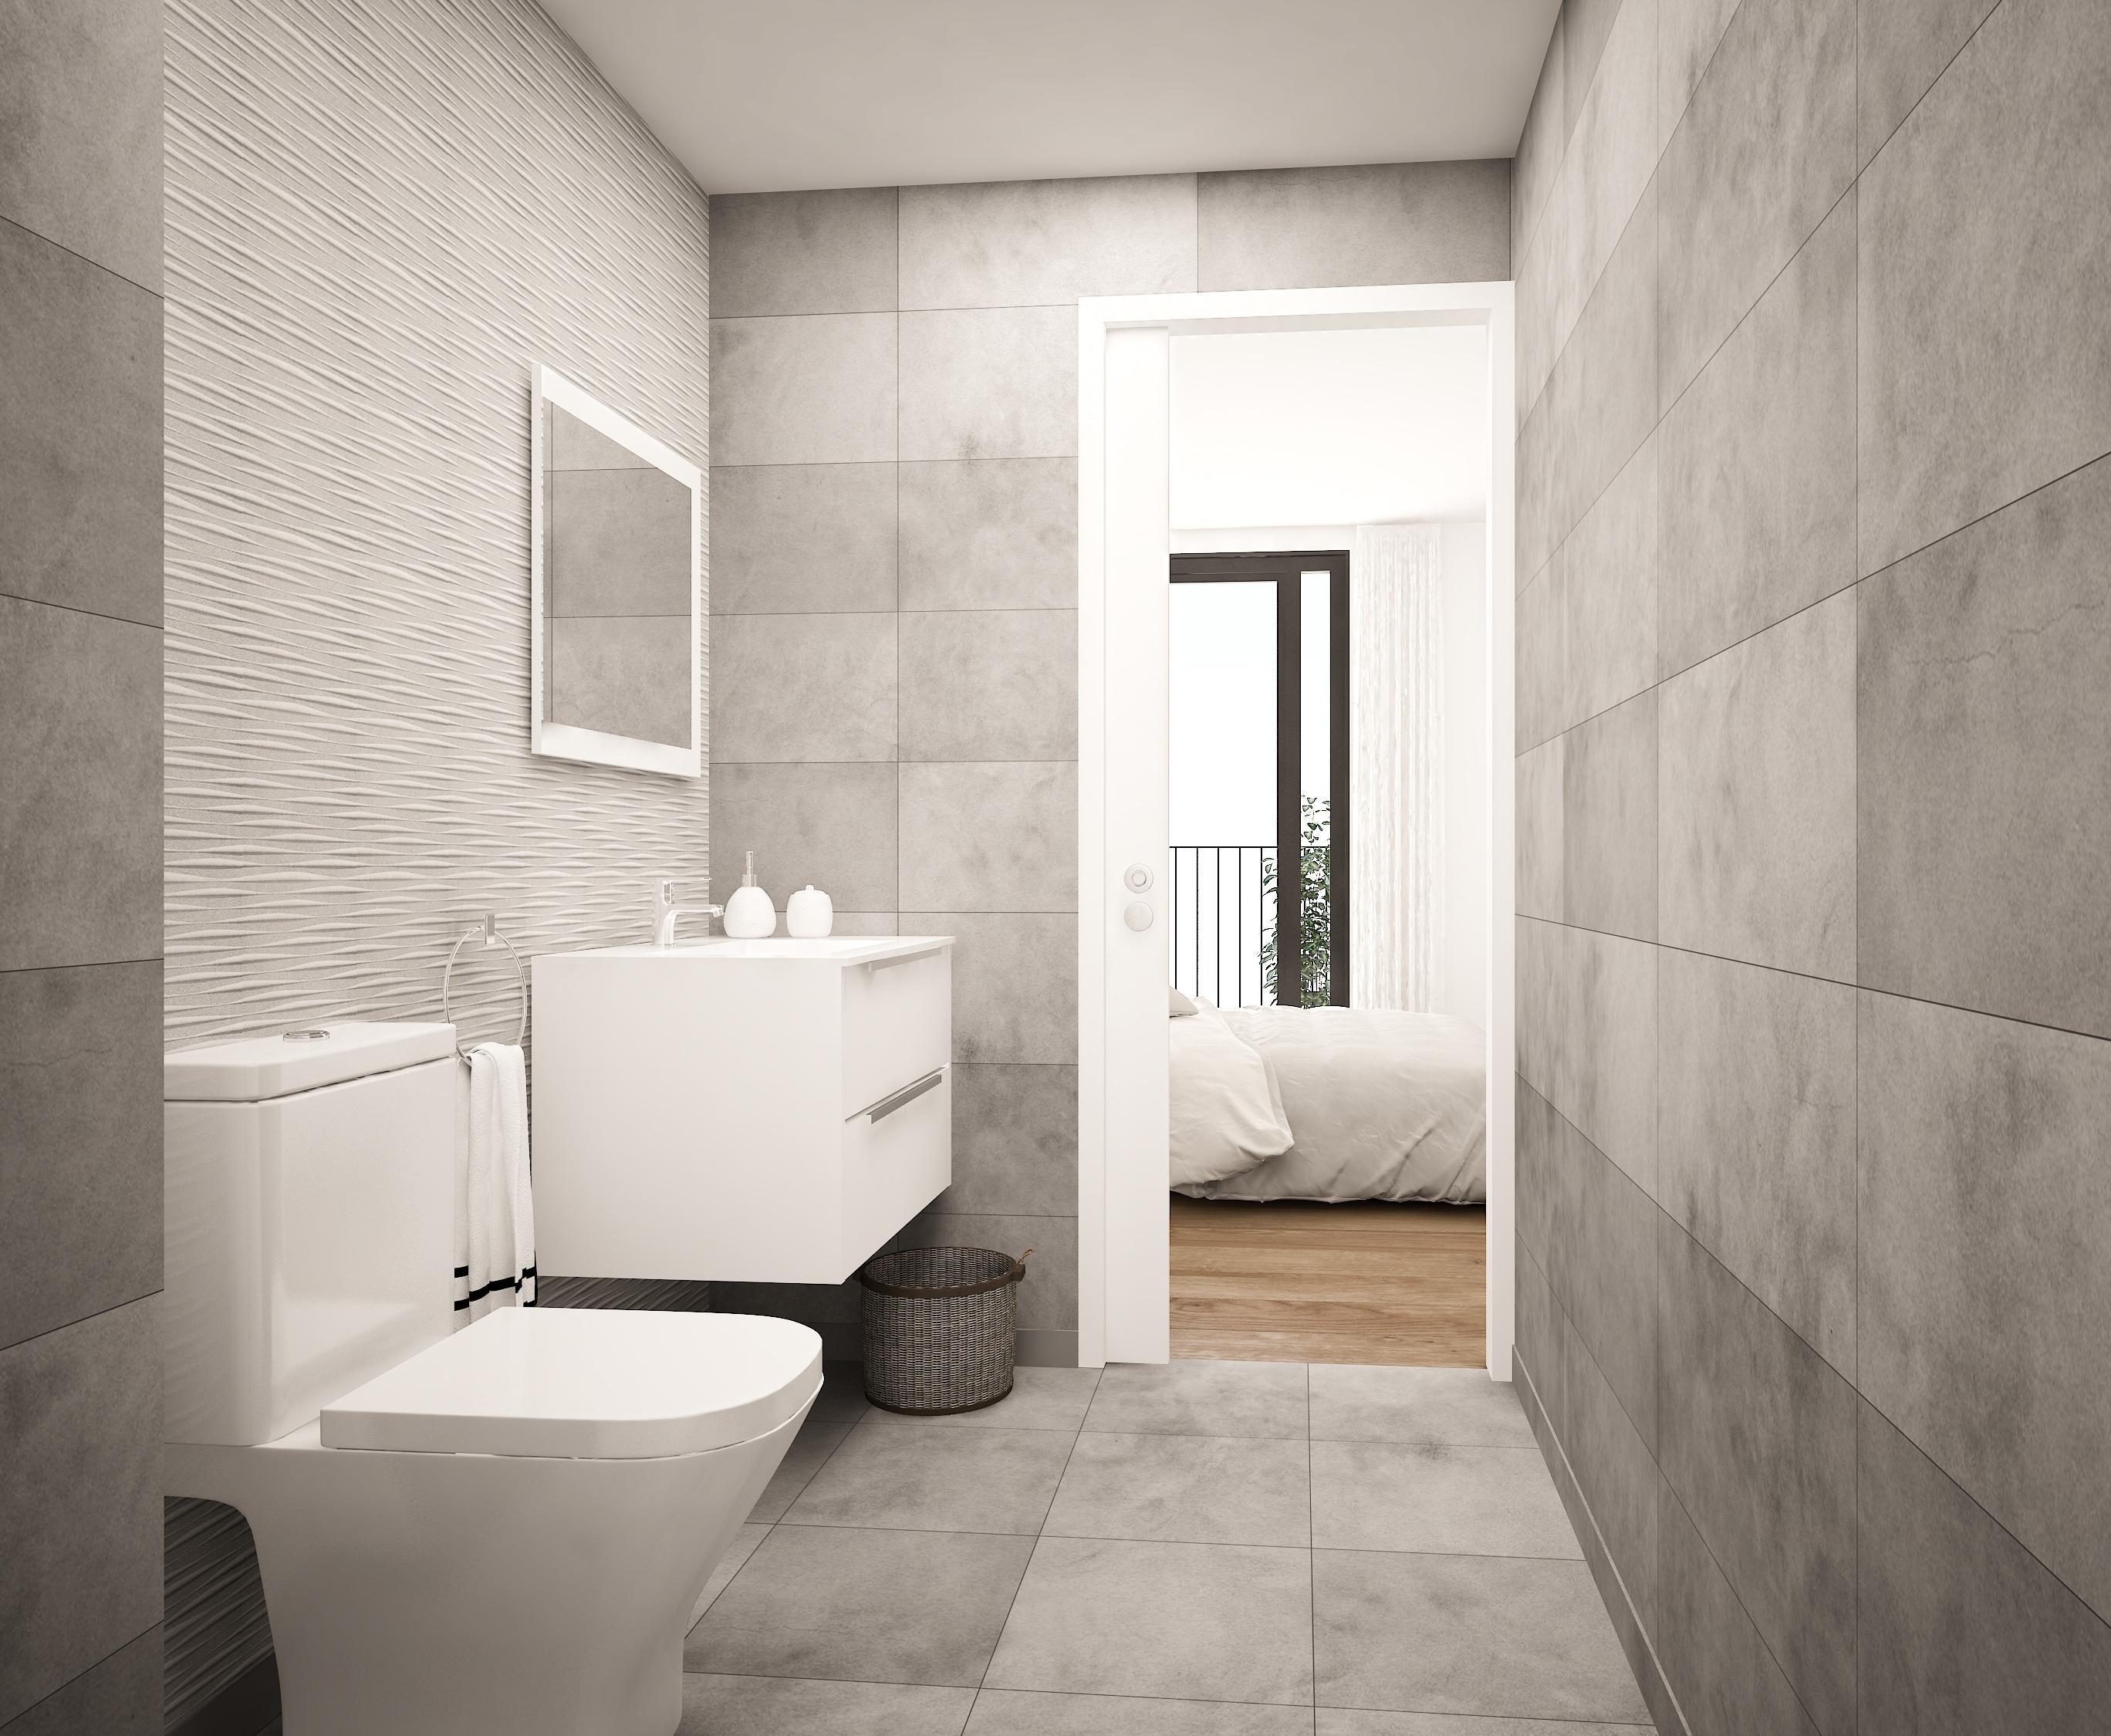 baño moderno de inmueble